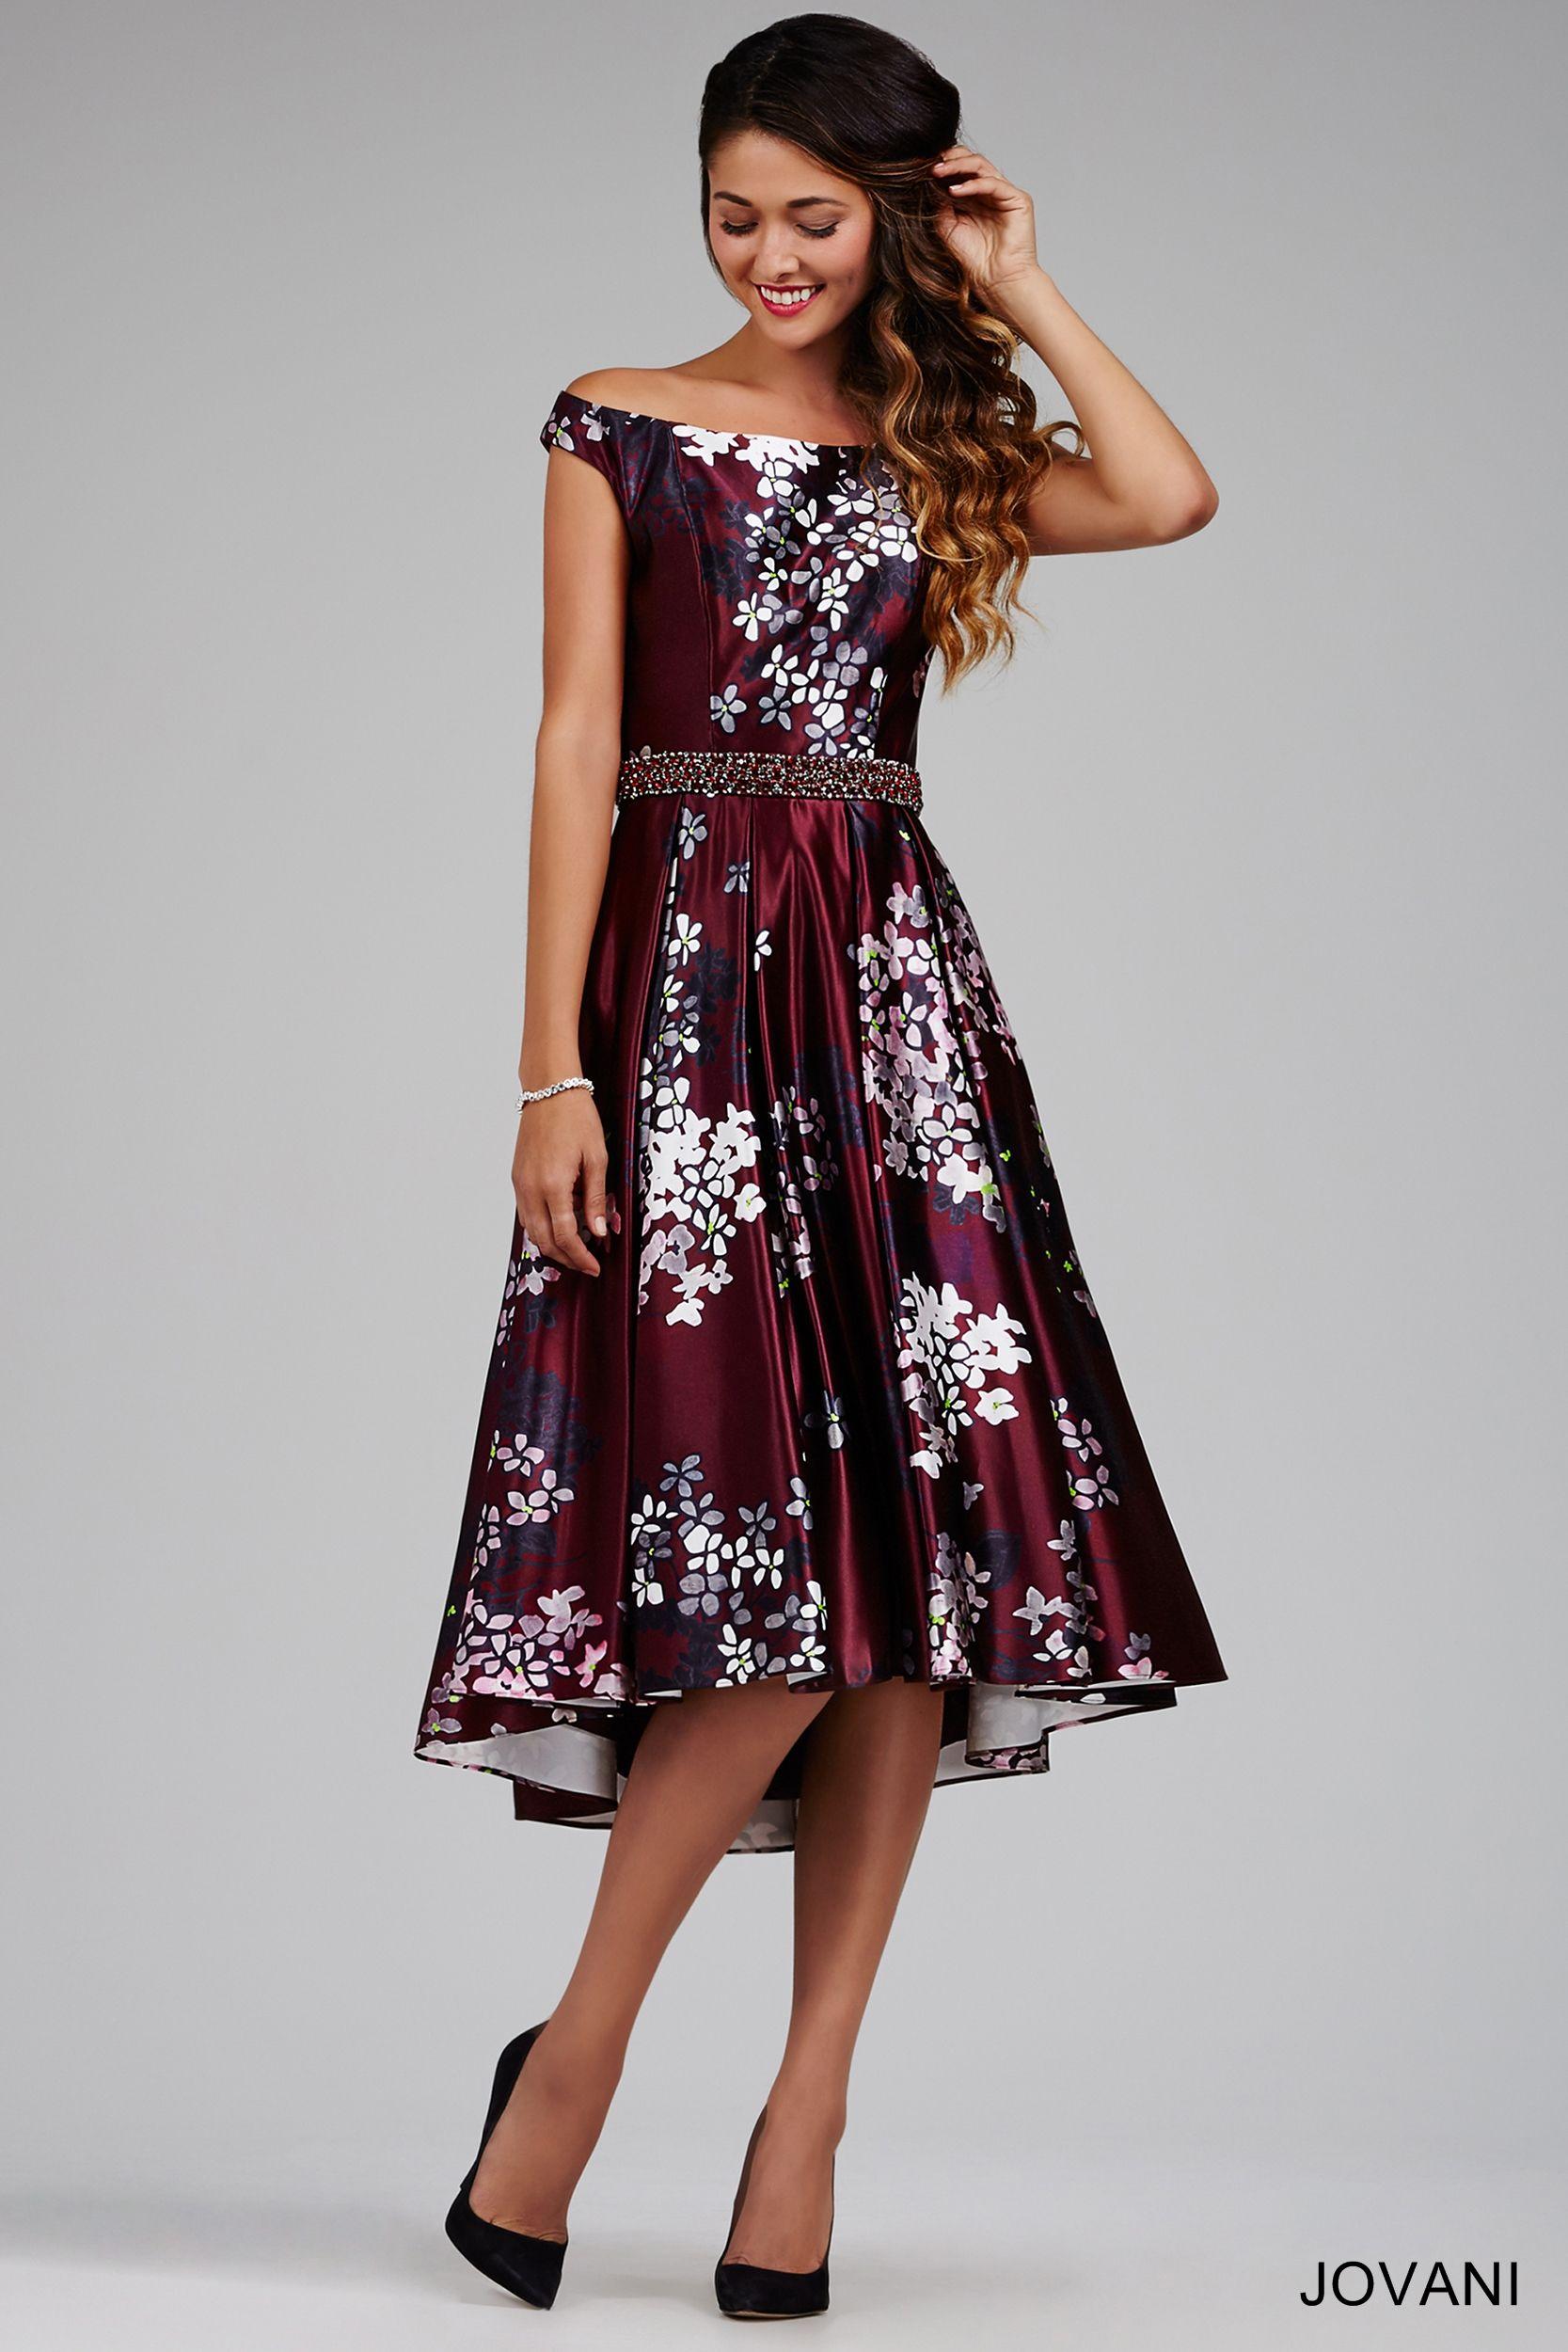 Wine off the shoulder dress short cocktail dresses